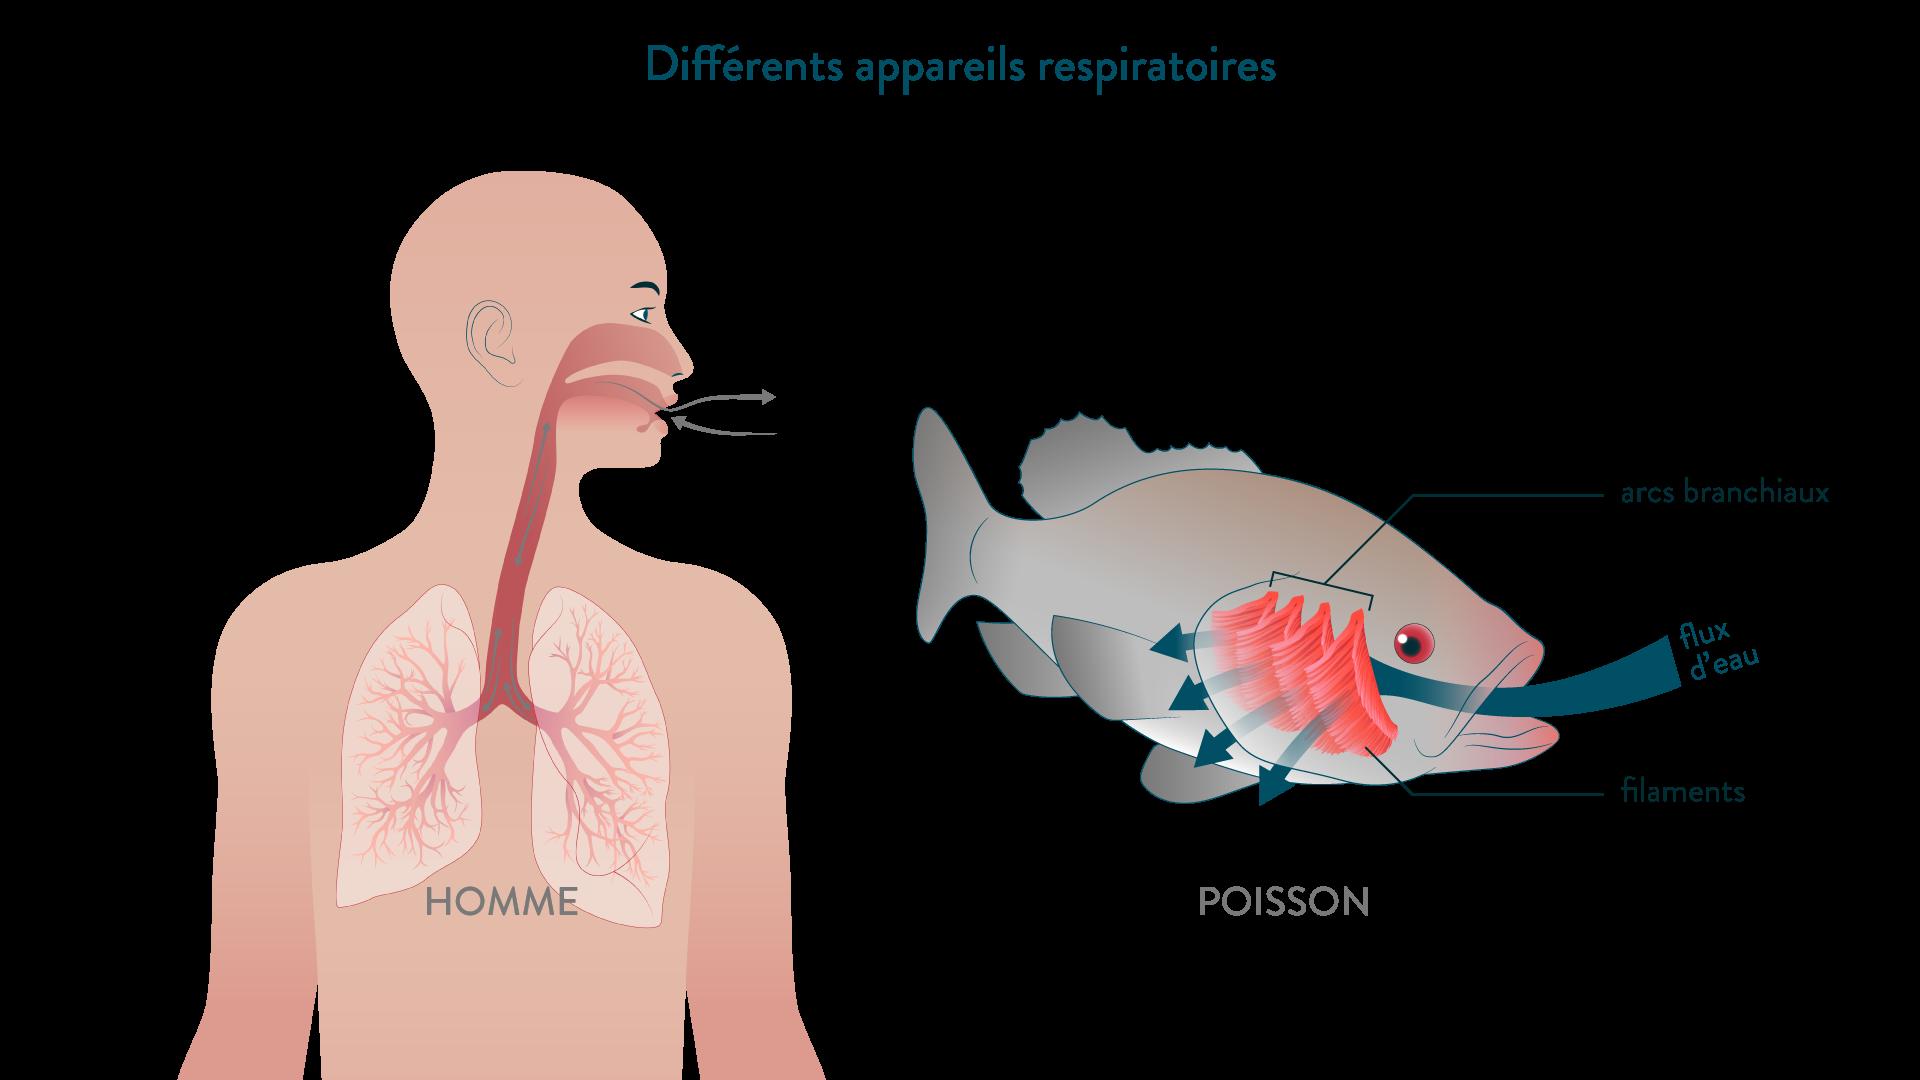 Différents appareils respiratoires